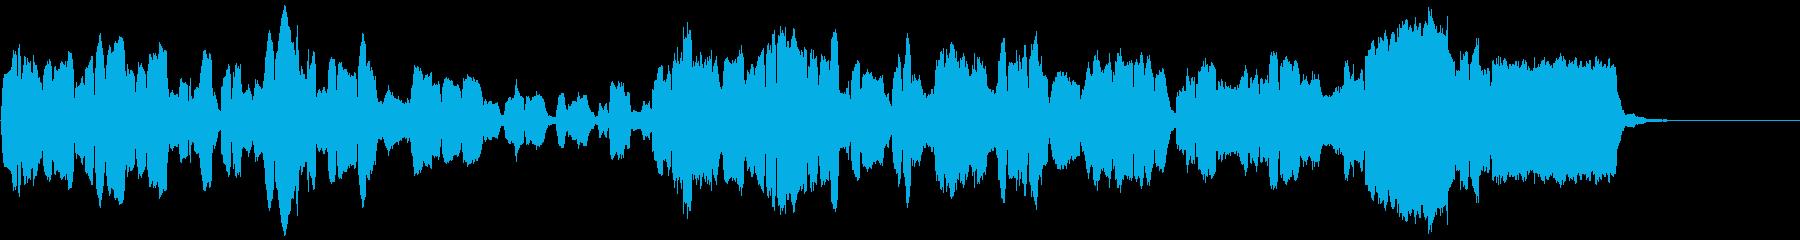 広がりのあるゆったりしたリコーダー曲の再生済みの波形